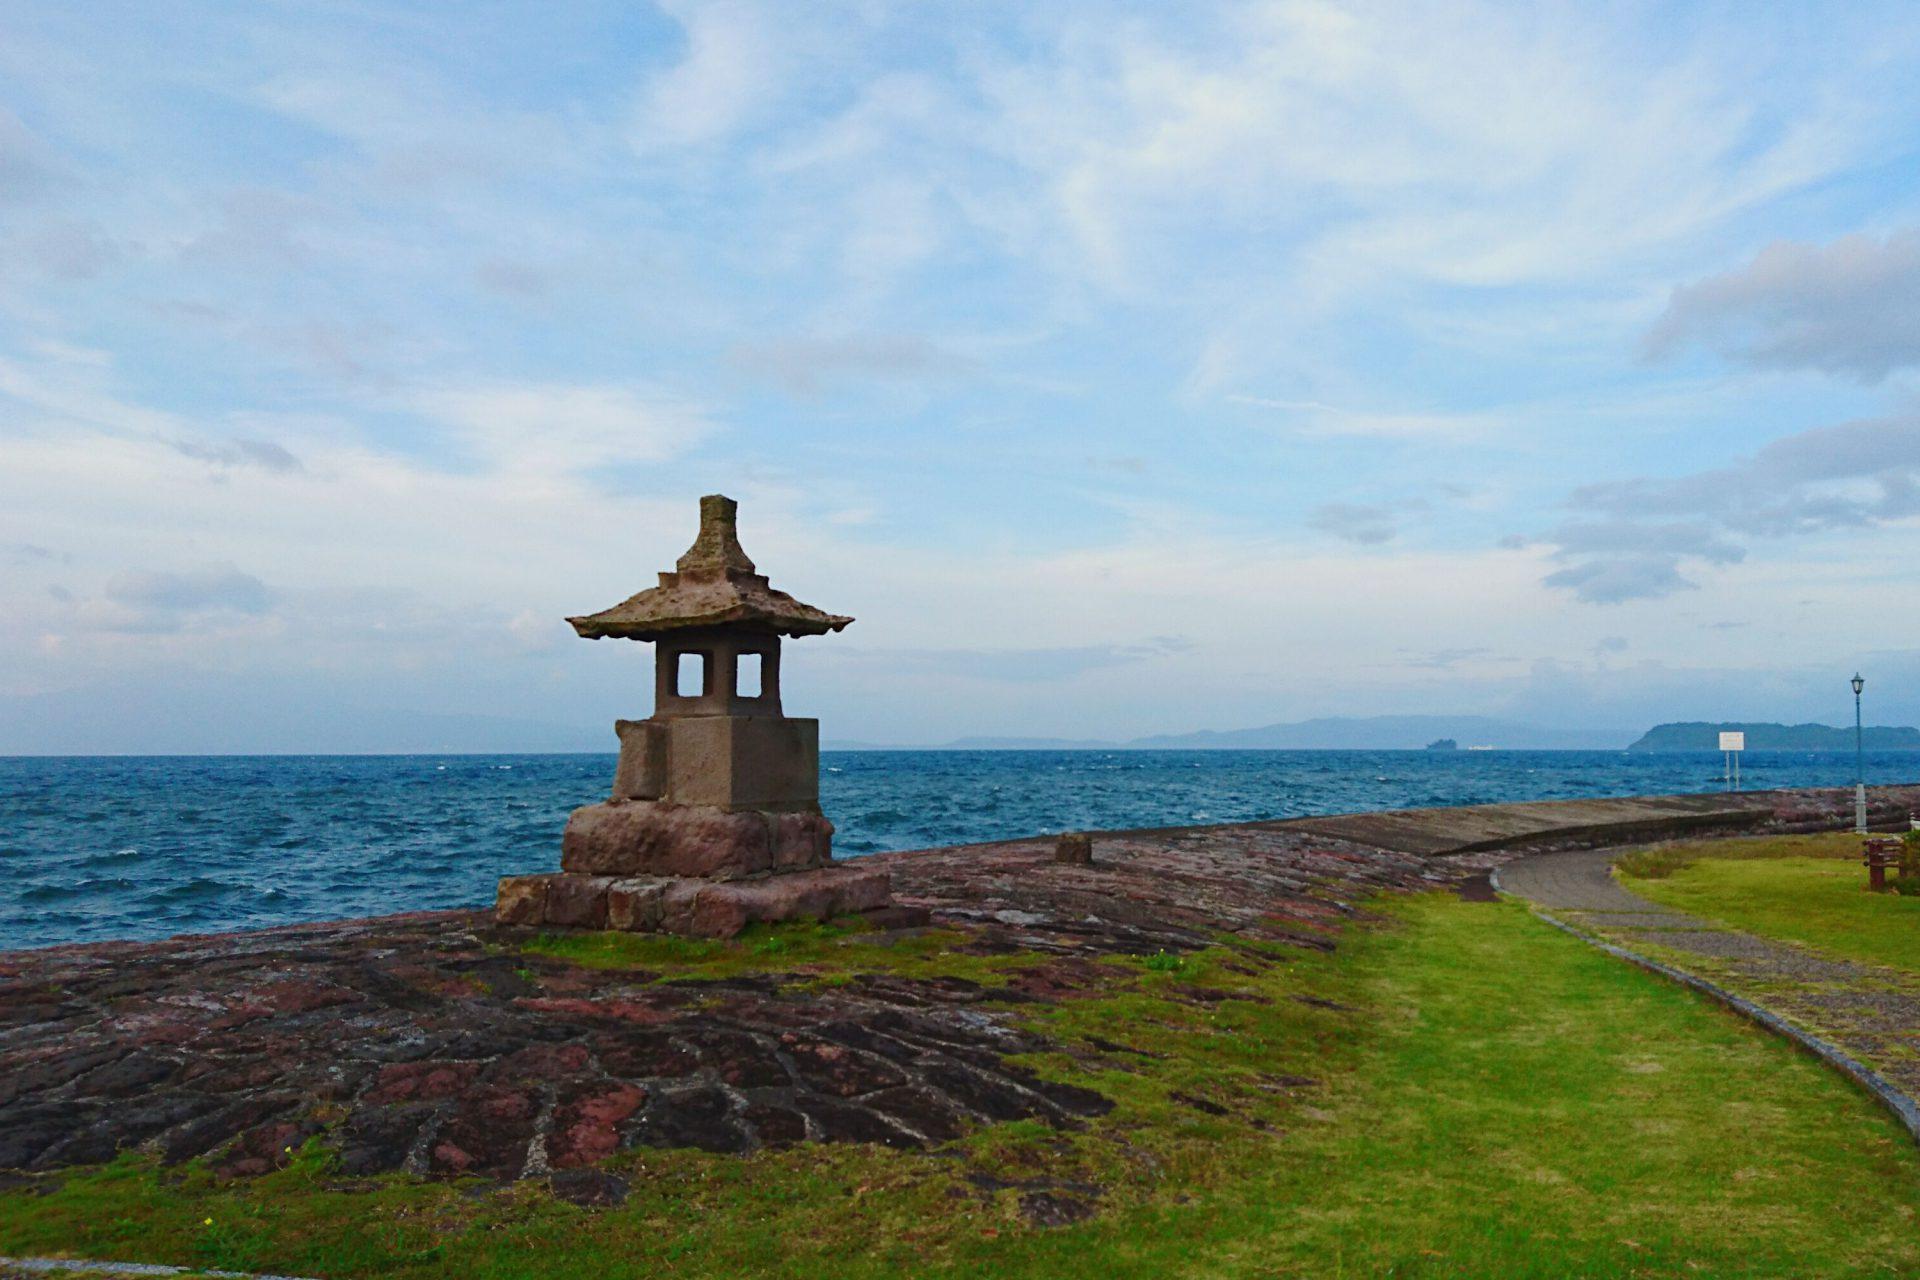 宮ヶ浜港防波堤:江戸末期に造られた防波堤は風情の良い公園に